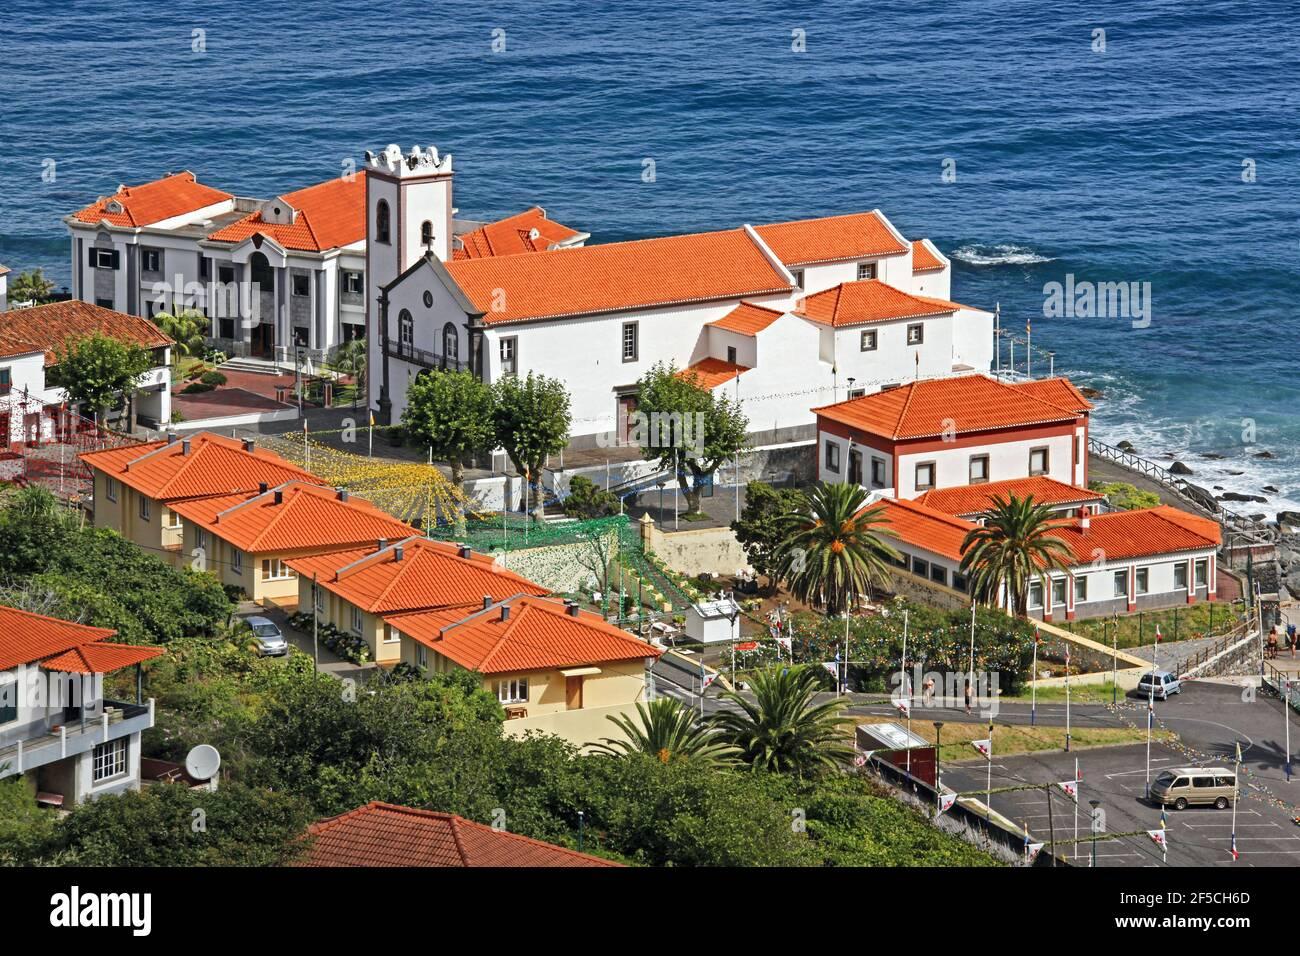 Géographie / voyage, Portugal, Ile de Madère, lieu de pèlerinage Ponta Delgada, église de pèlerinage, droits-supplémentaires-déstockage-Info-non-disponible Banque D'Images